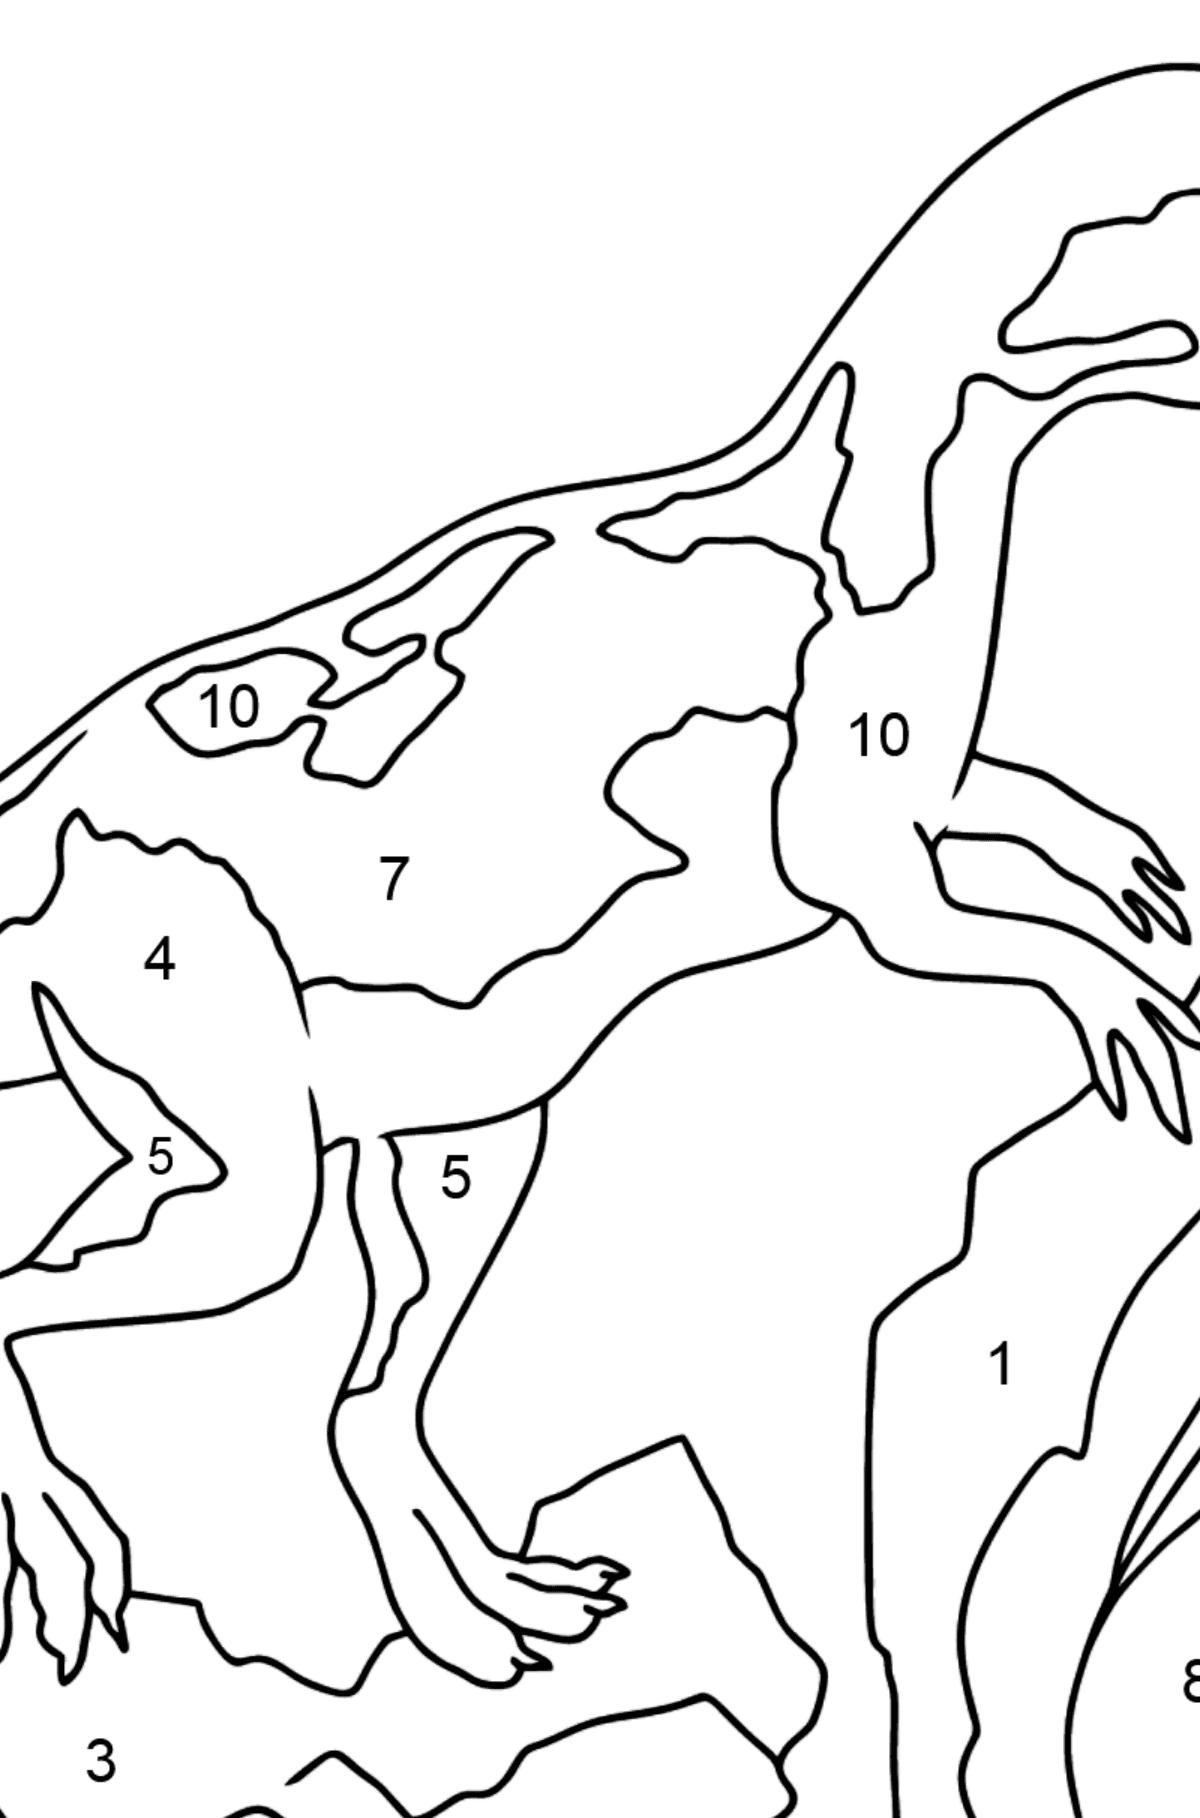 Malvorlage Allosaurus zum ausmalen - Malen nach Zahlen für Kinder